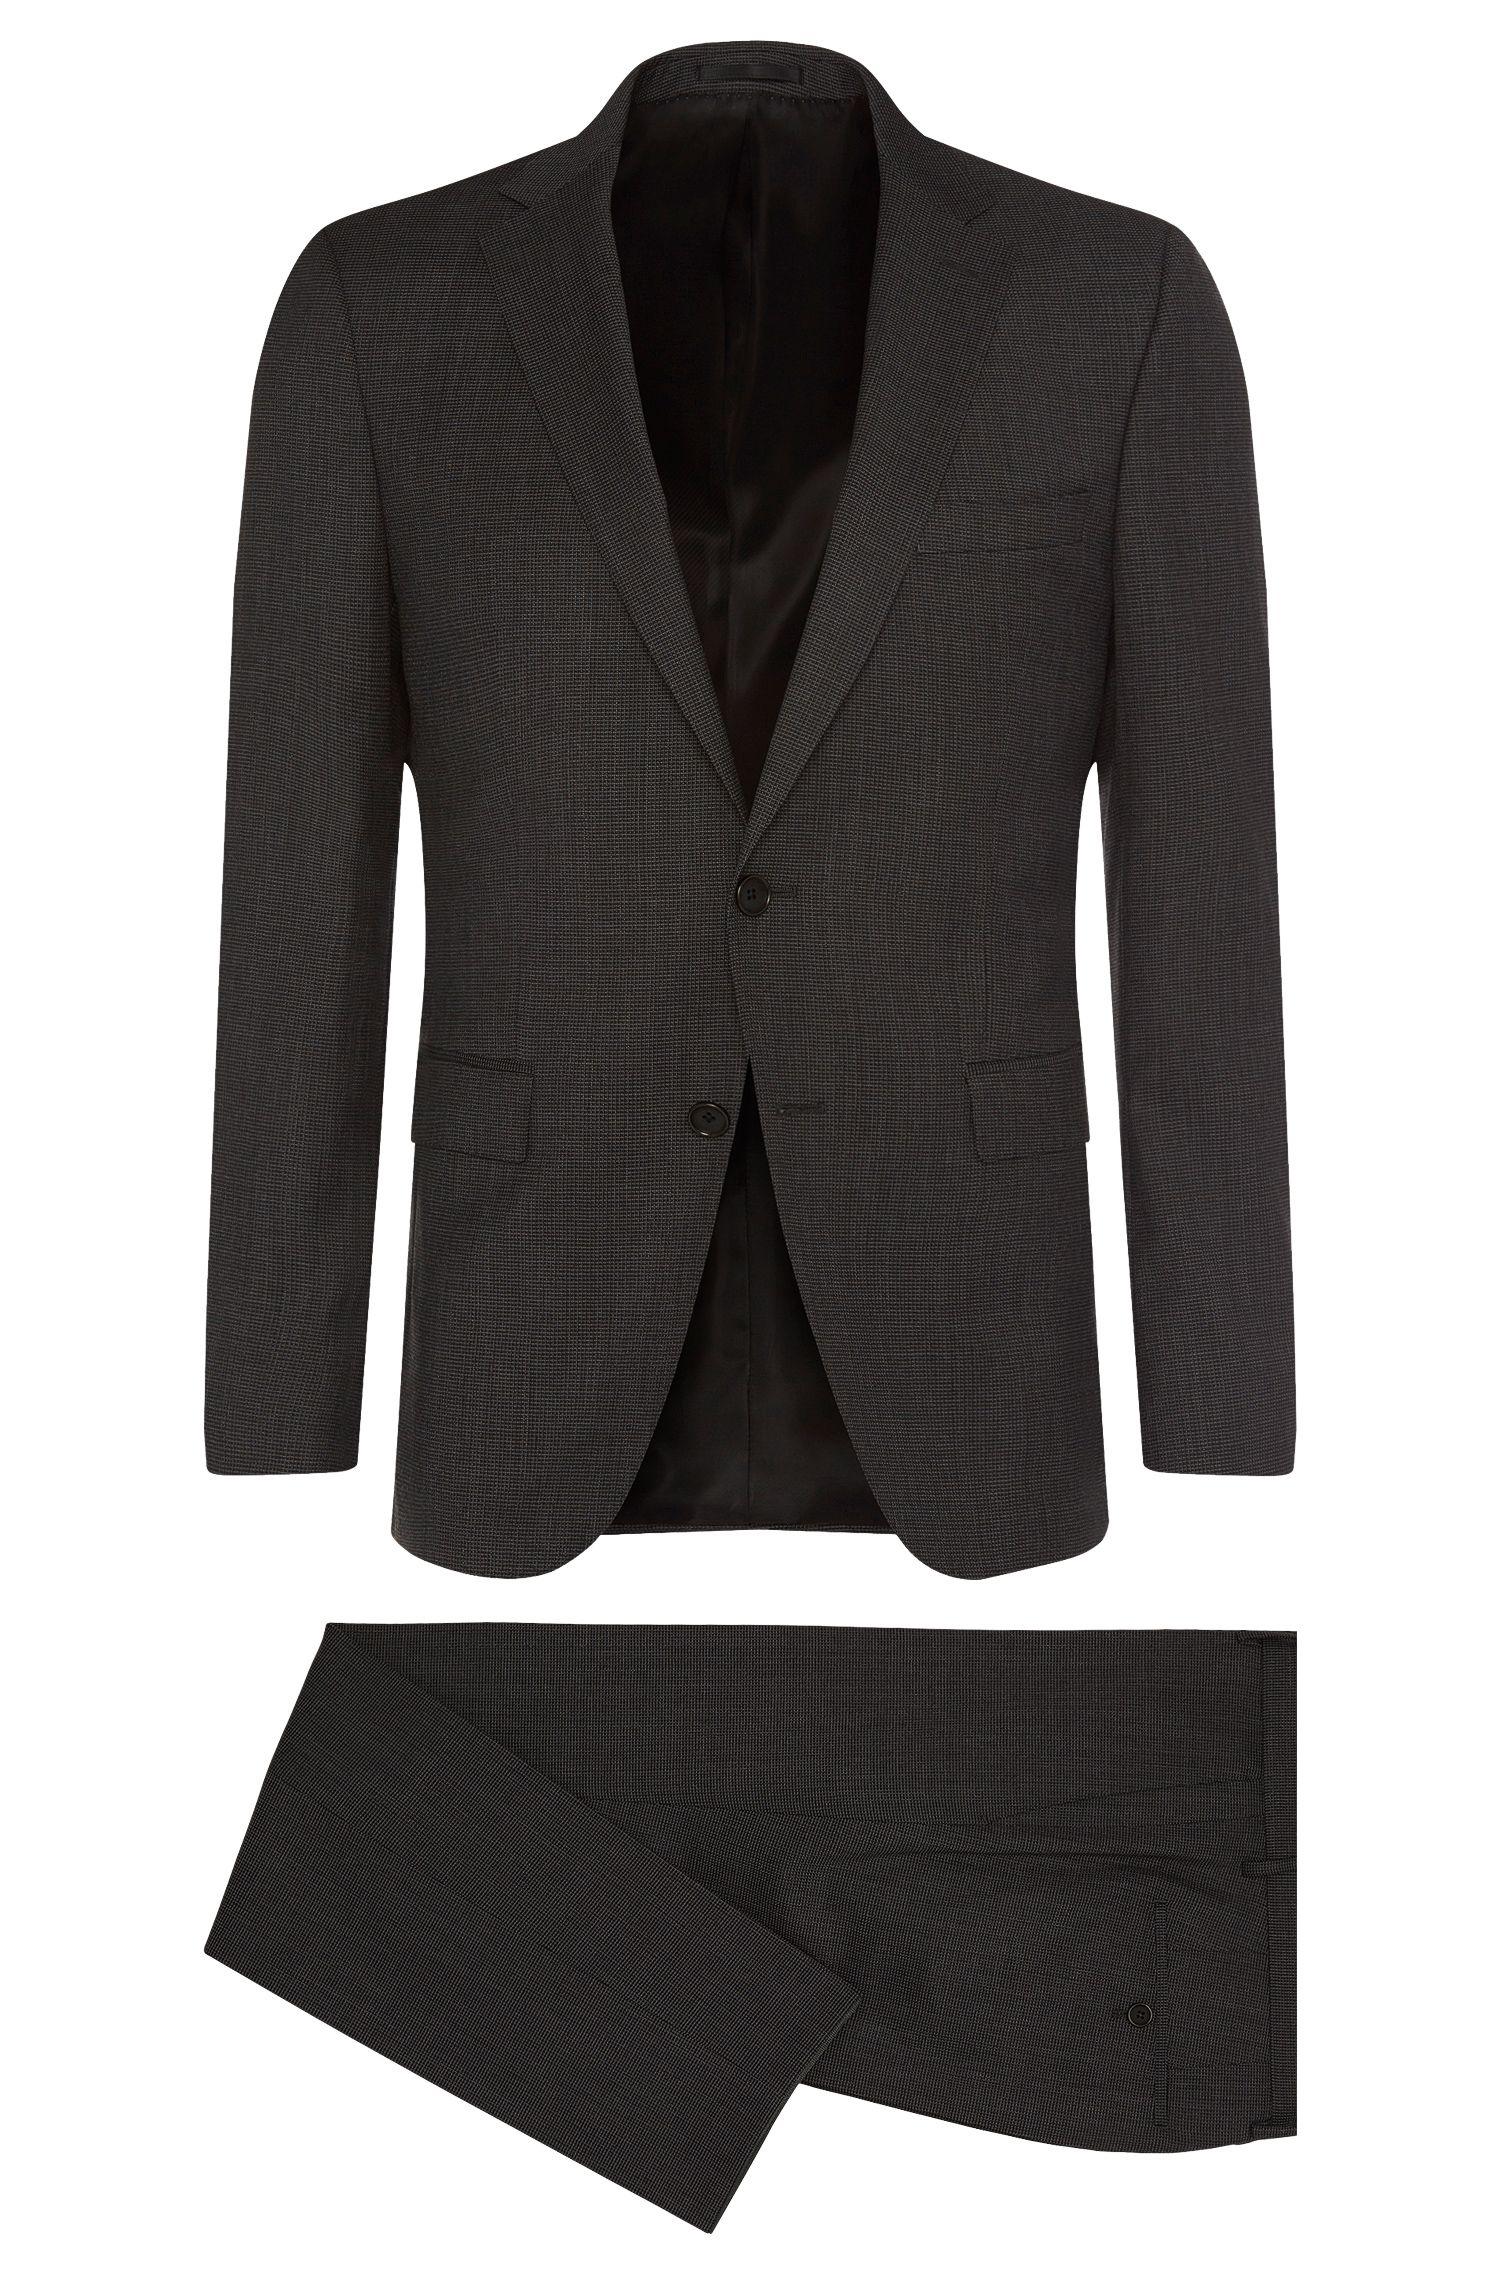 'Novan/Ben' | Slim Fit, Super 100 Virgin Wool Suit